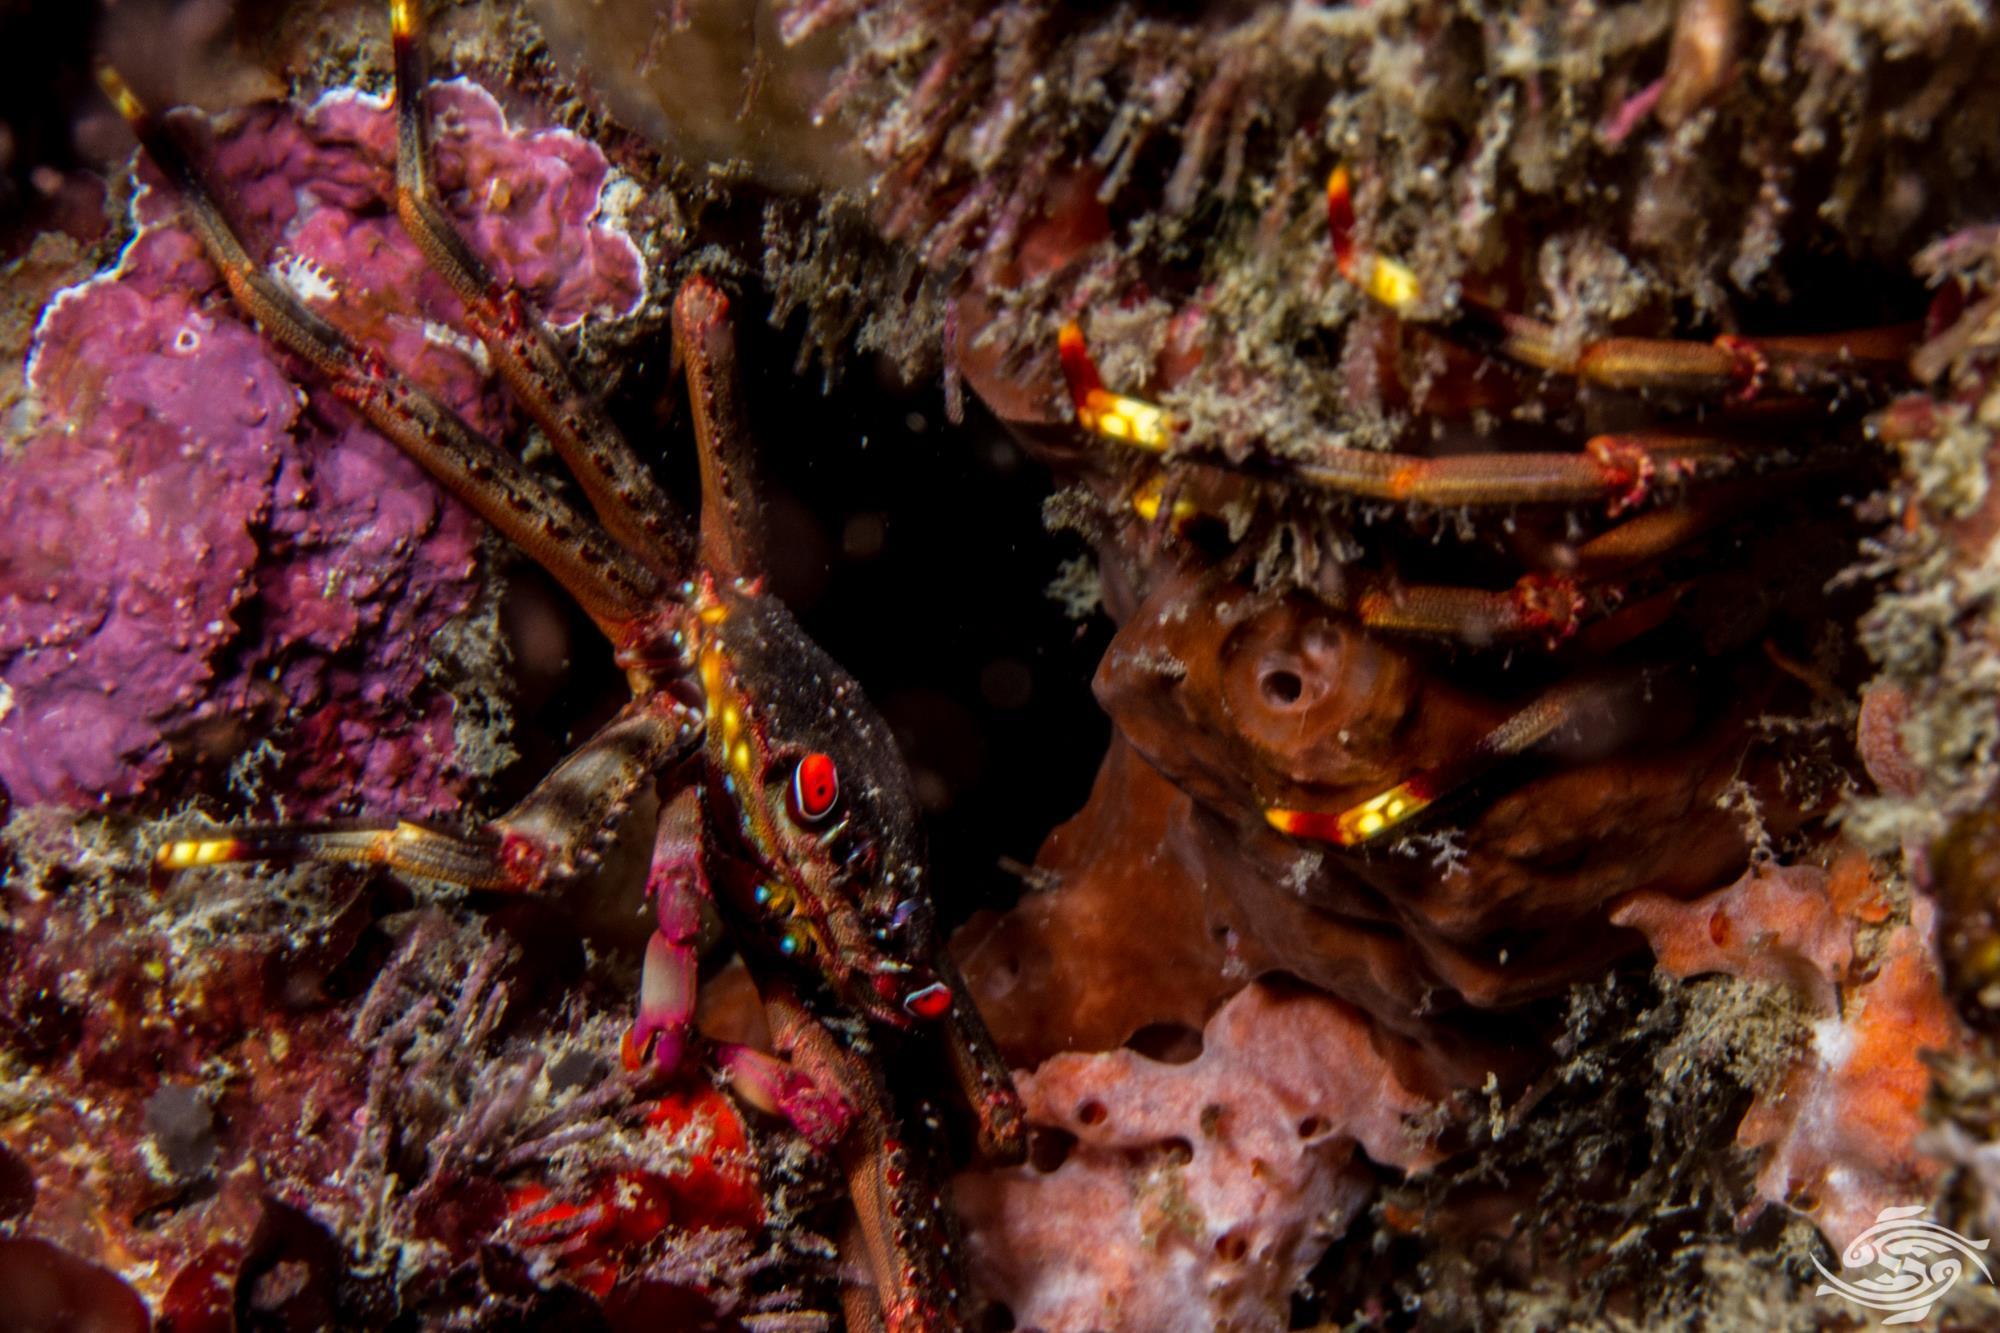 flat-bodied crab (Percnon planissimum)